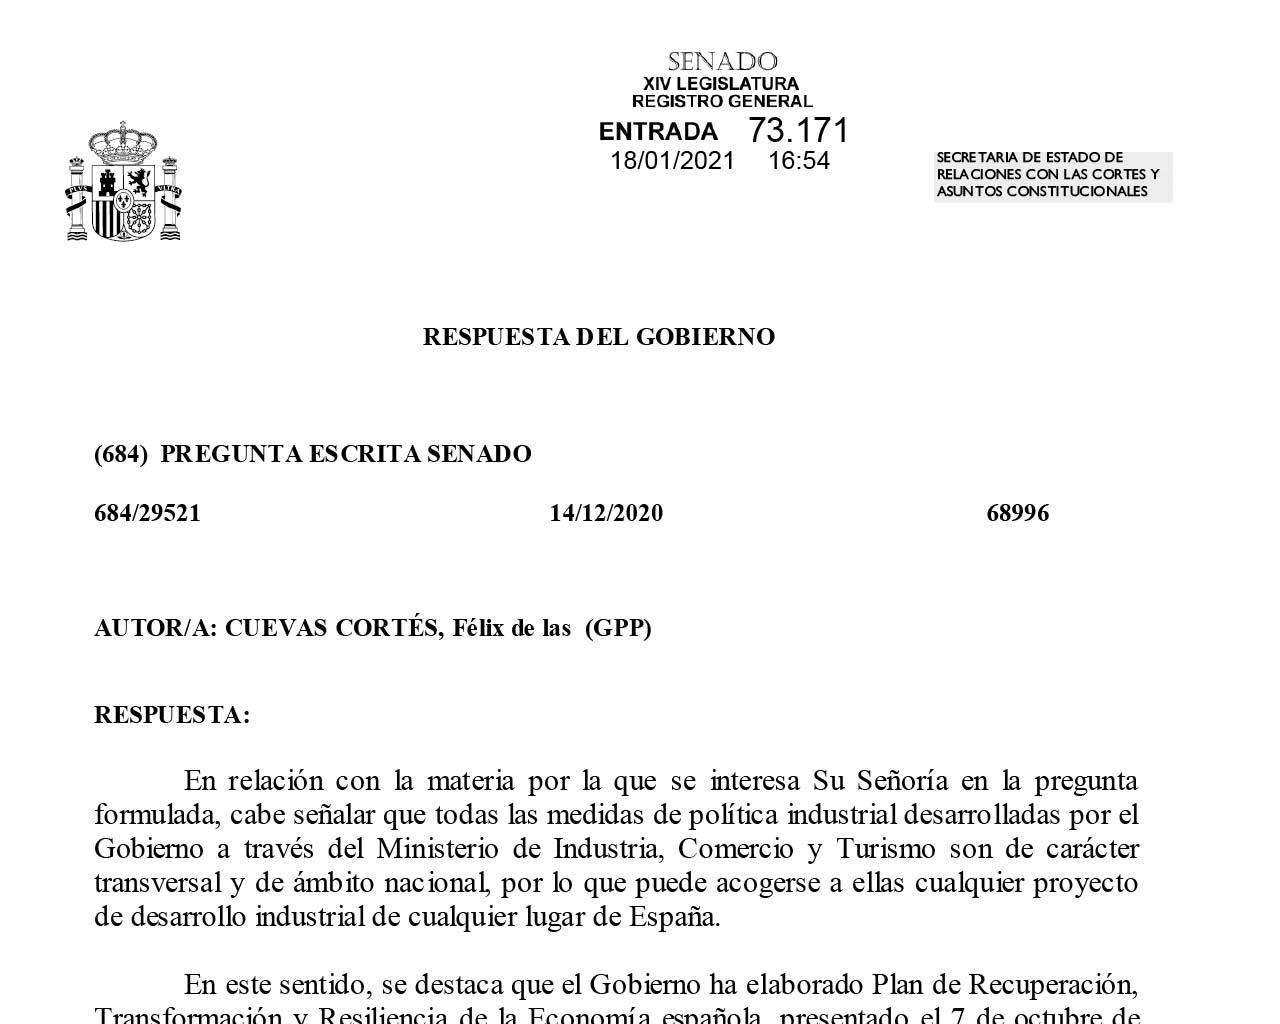 Respuesta del Gobierno de España